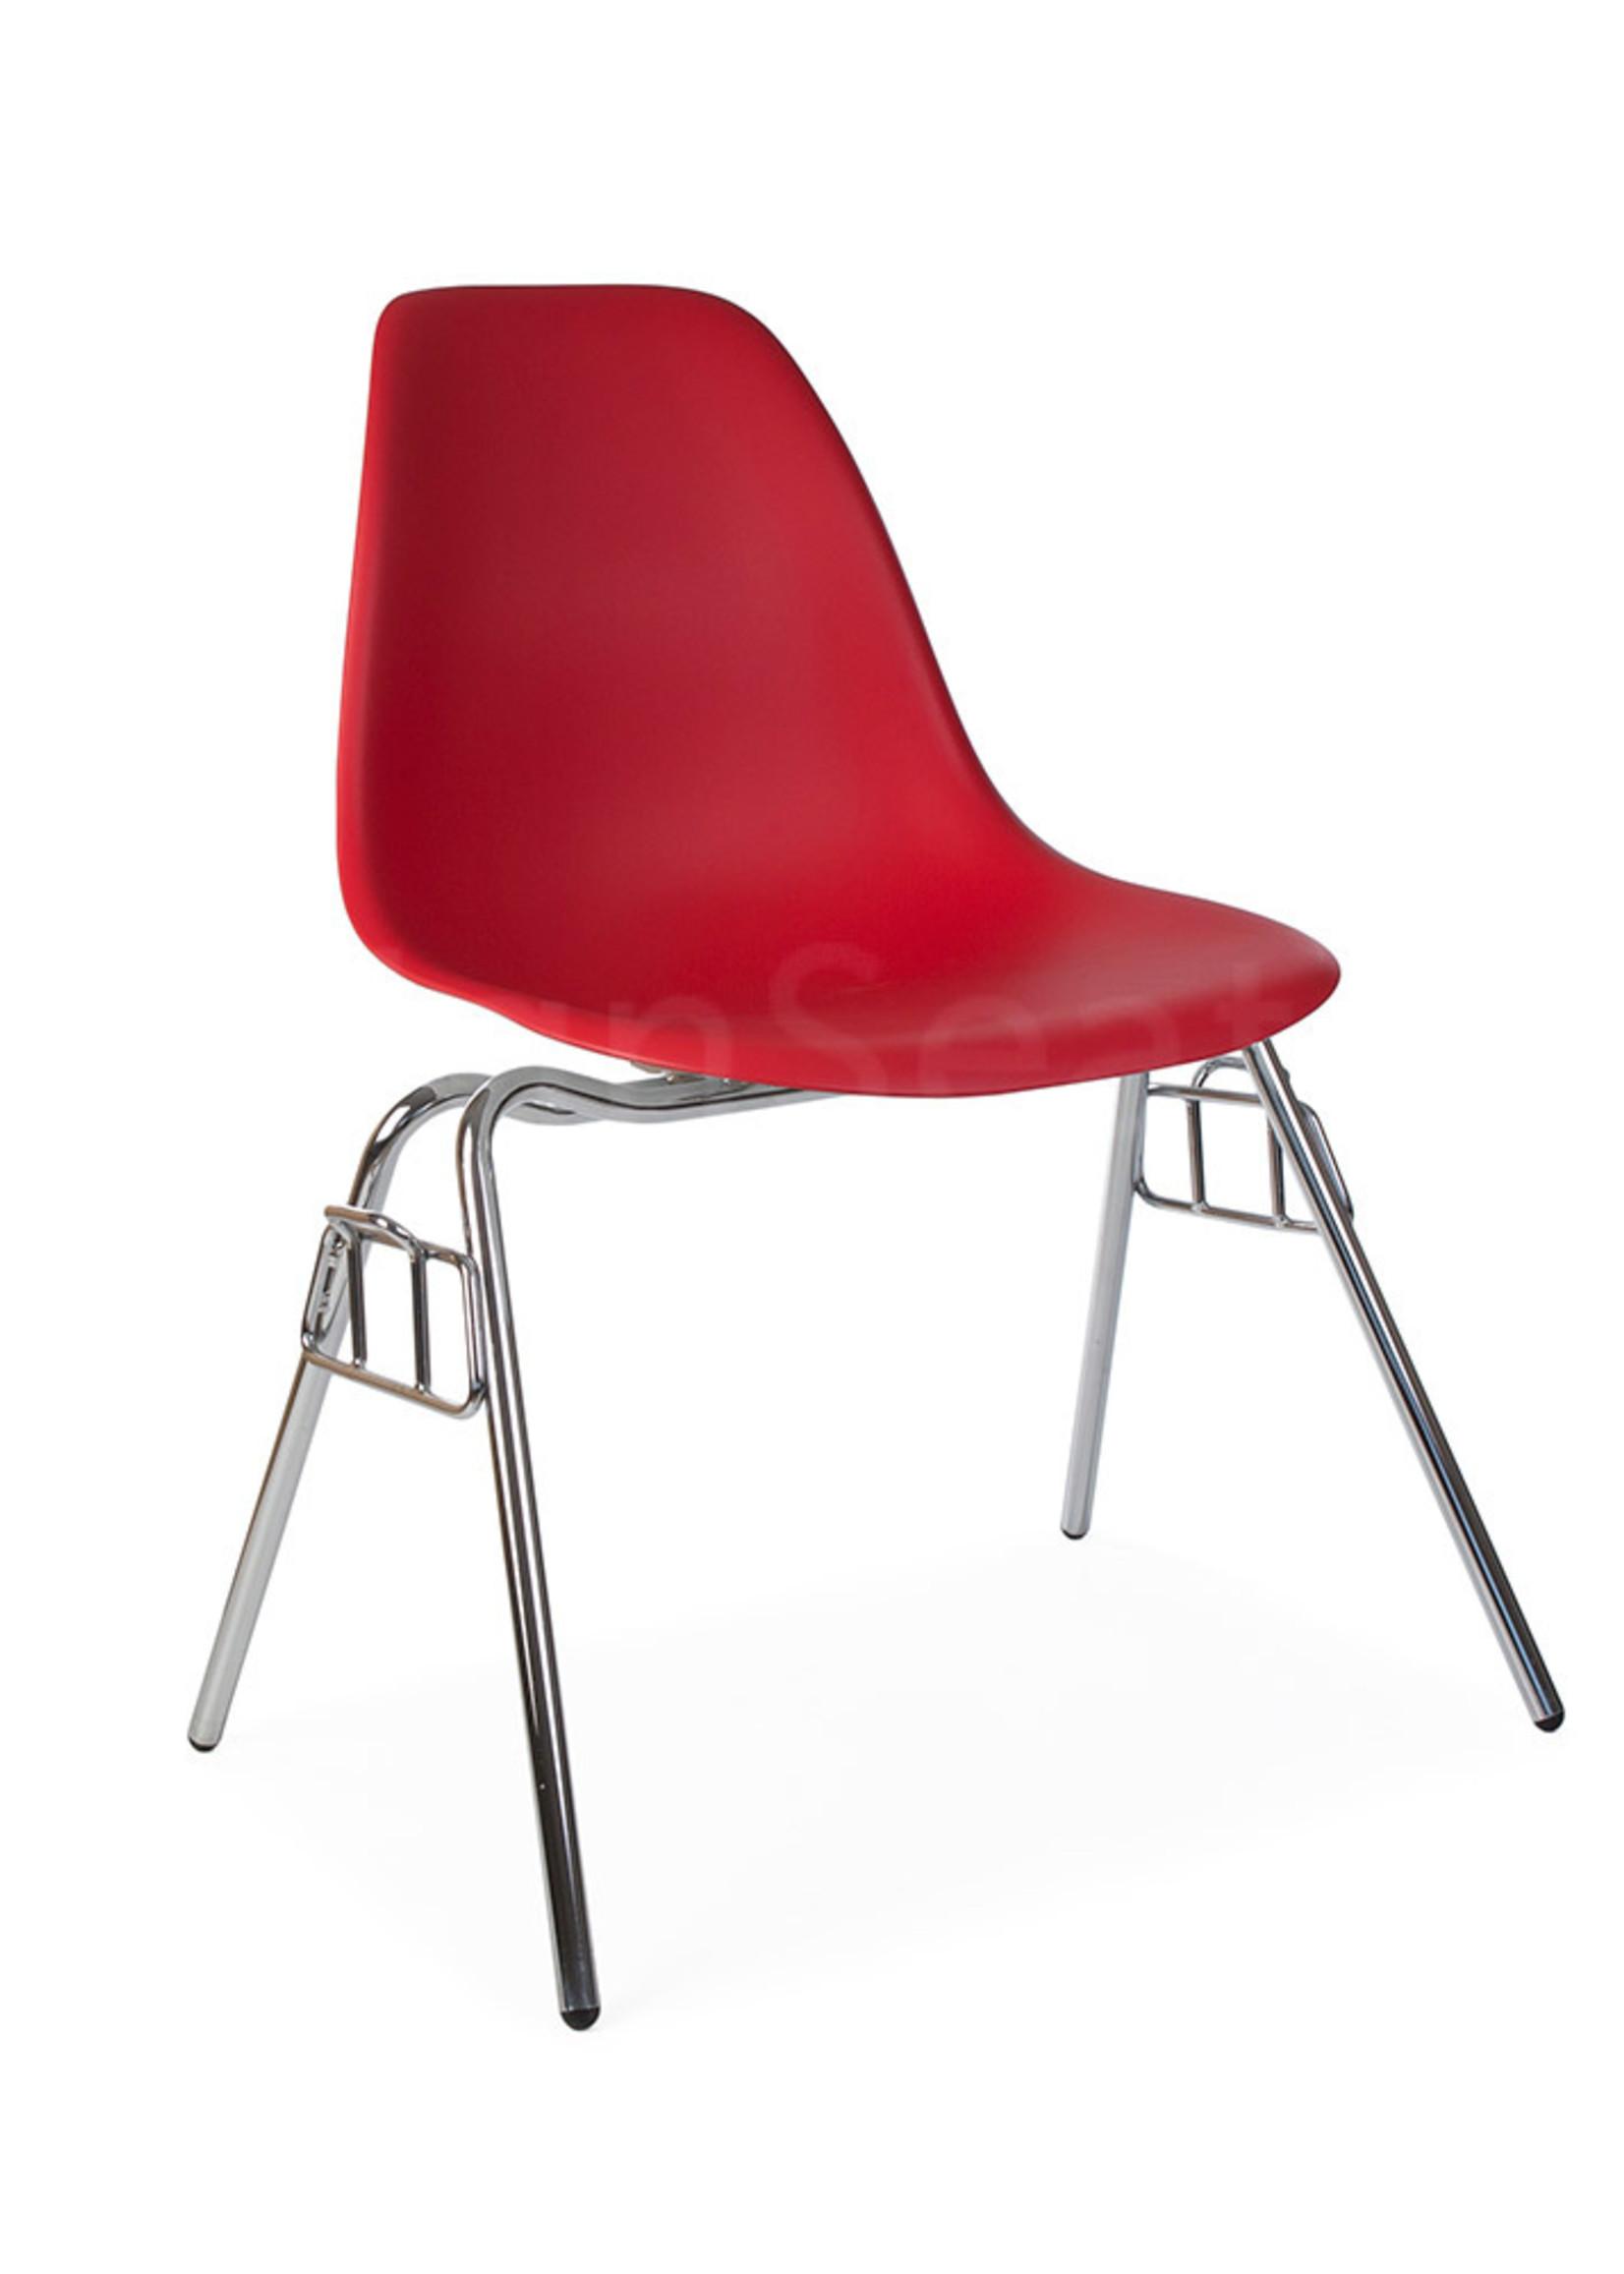 DSS Eames Design Stapelstoel Rood